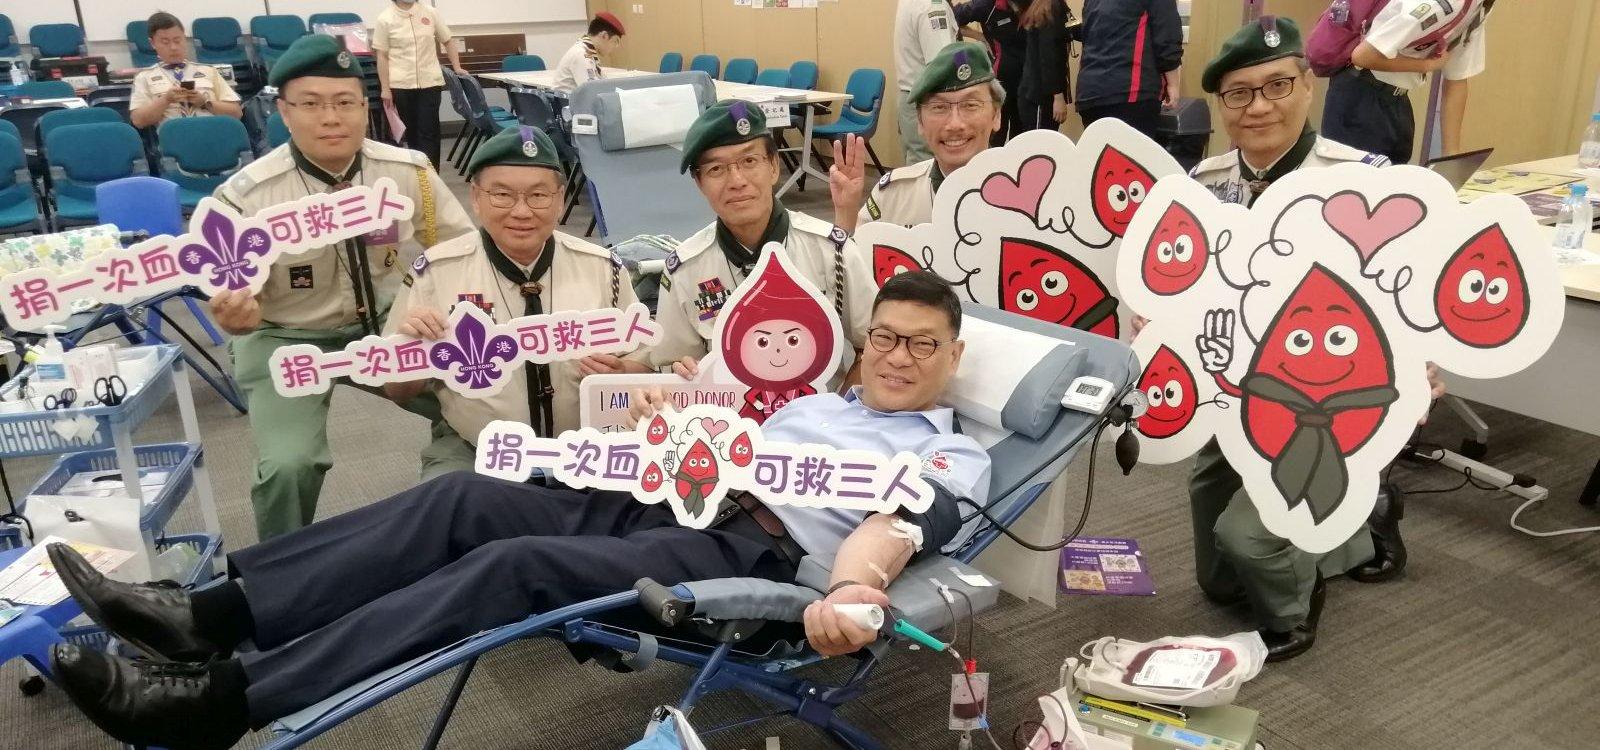 圖片: 童军捐血活动